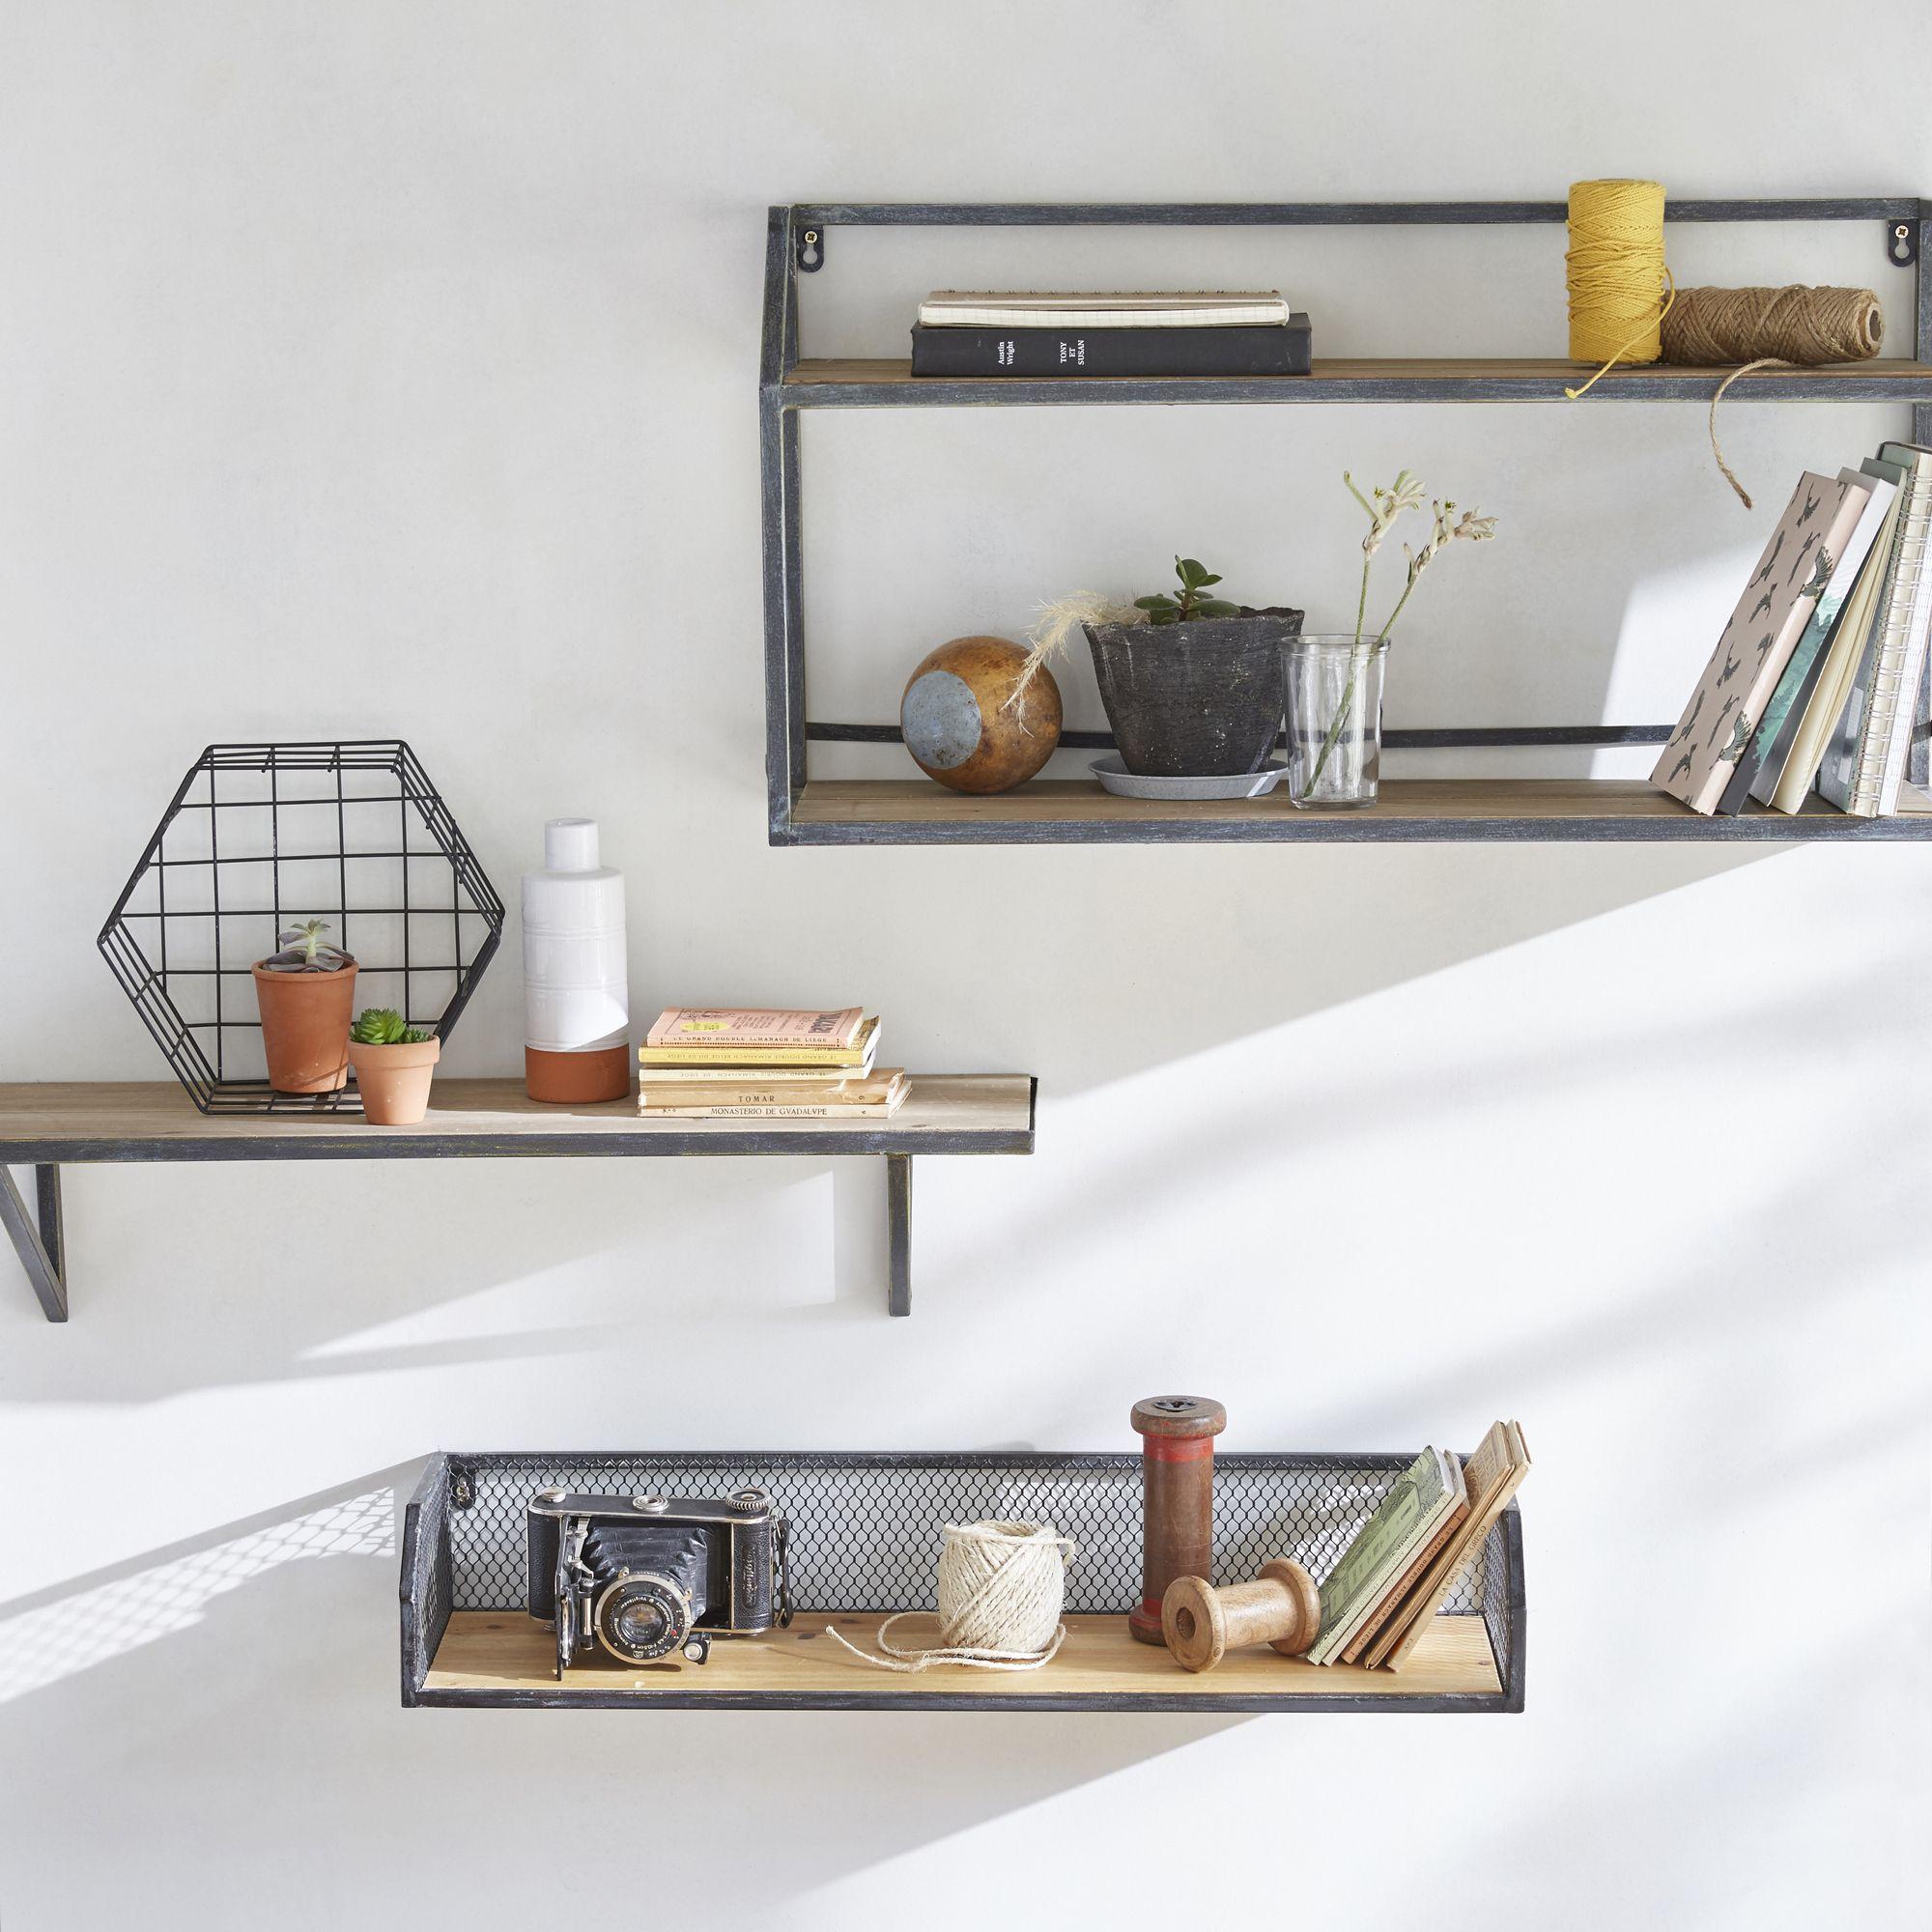 Style industriel  Inspiration - Décoration - Déco - Maison - Alinéa